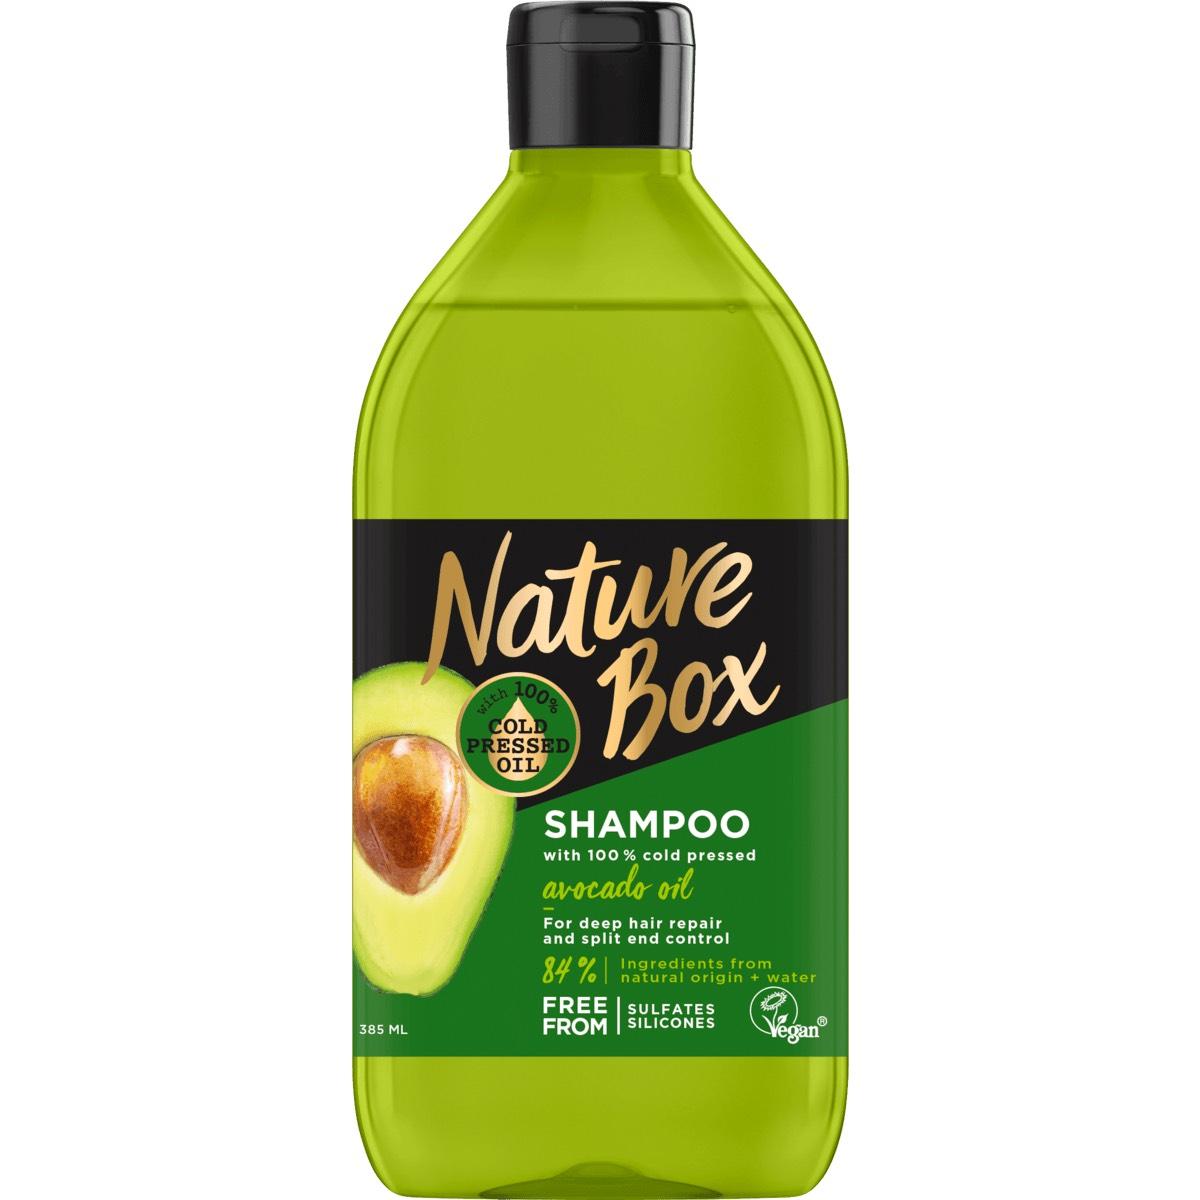 Nature box shampoo of conditioner €2,15